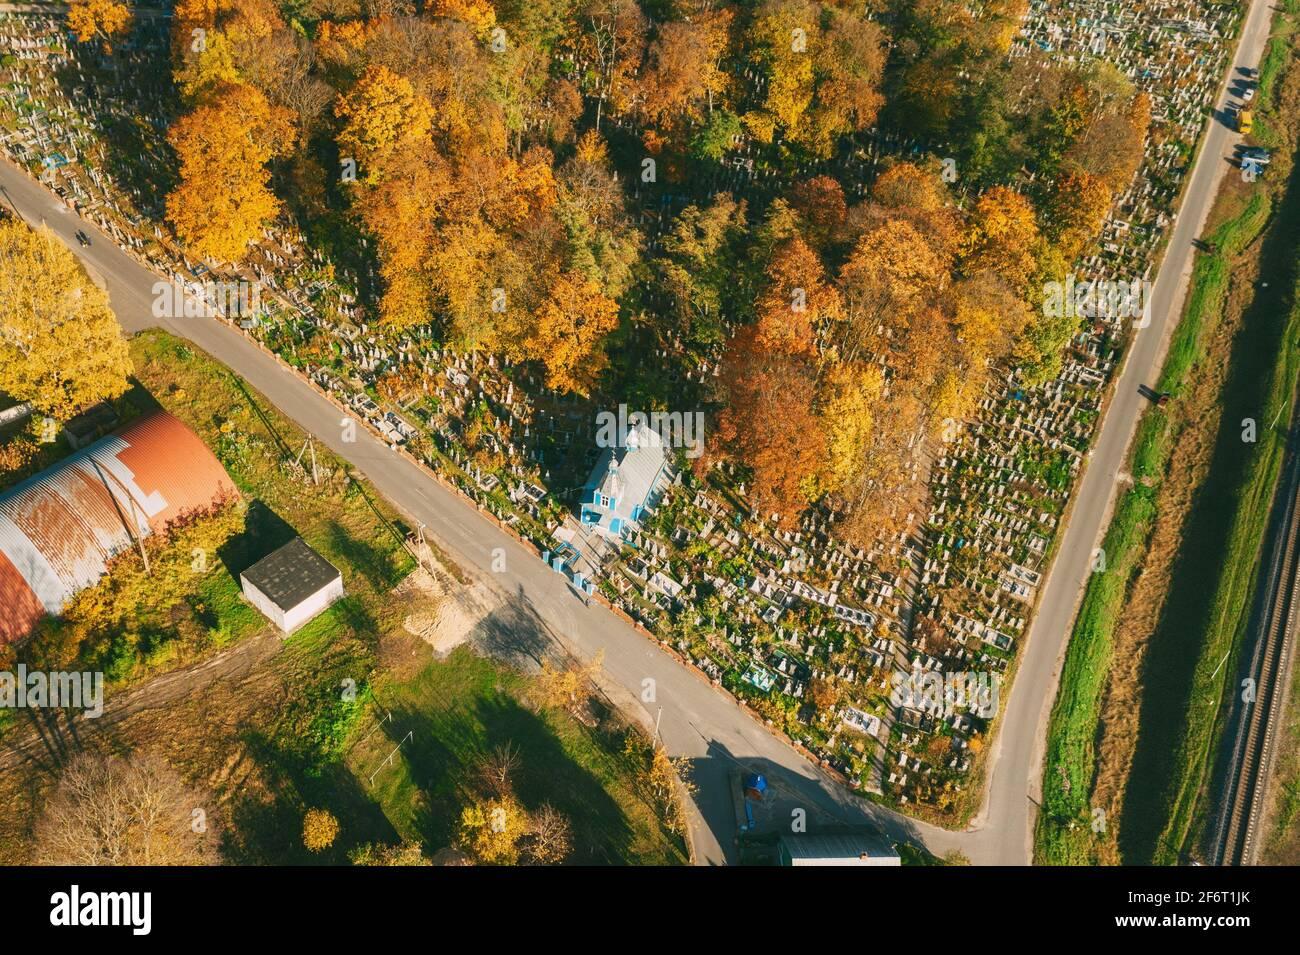 Kobryn, Región De Brest, Bielorrusia. Skyline Paisaje Urbano En Otoño Día Soleado. Vista de pájaro De la Iglesia de San Jorge. Famoso Lugar De Interés Histórico. Foto de stock